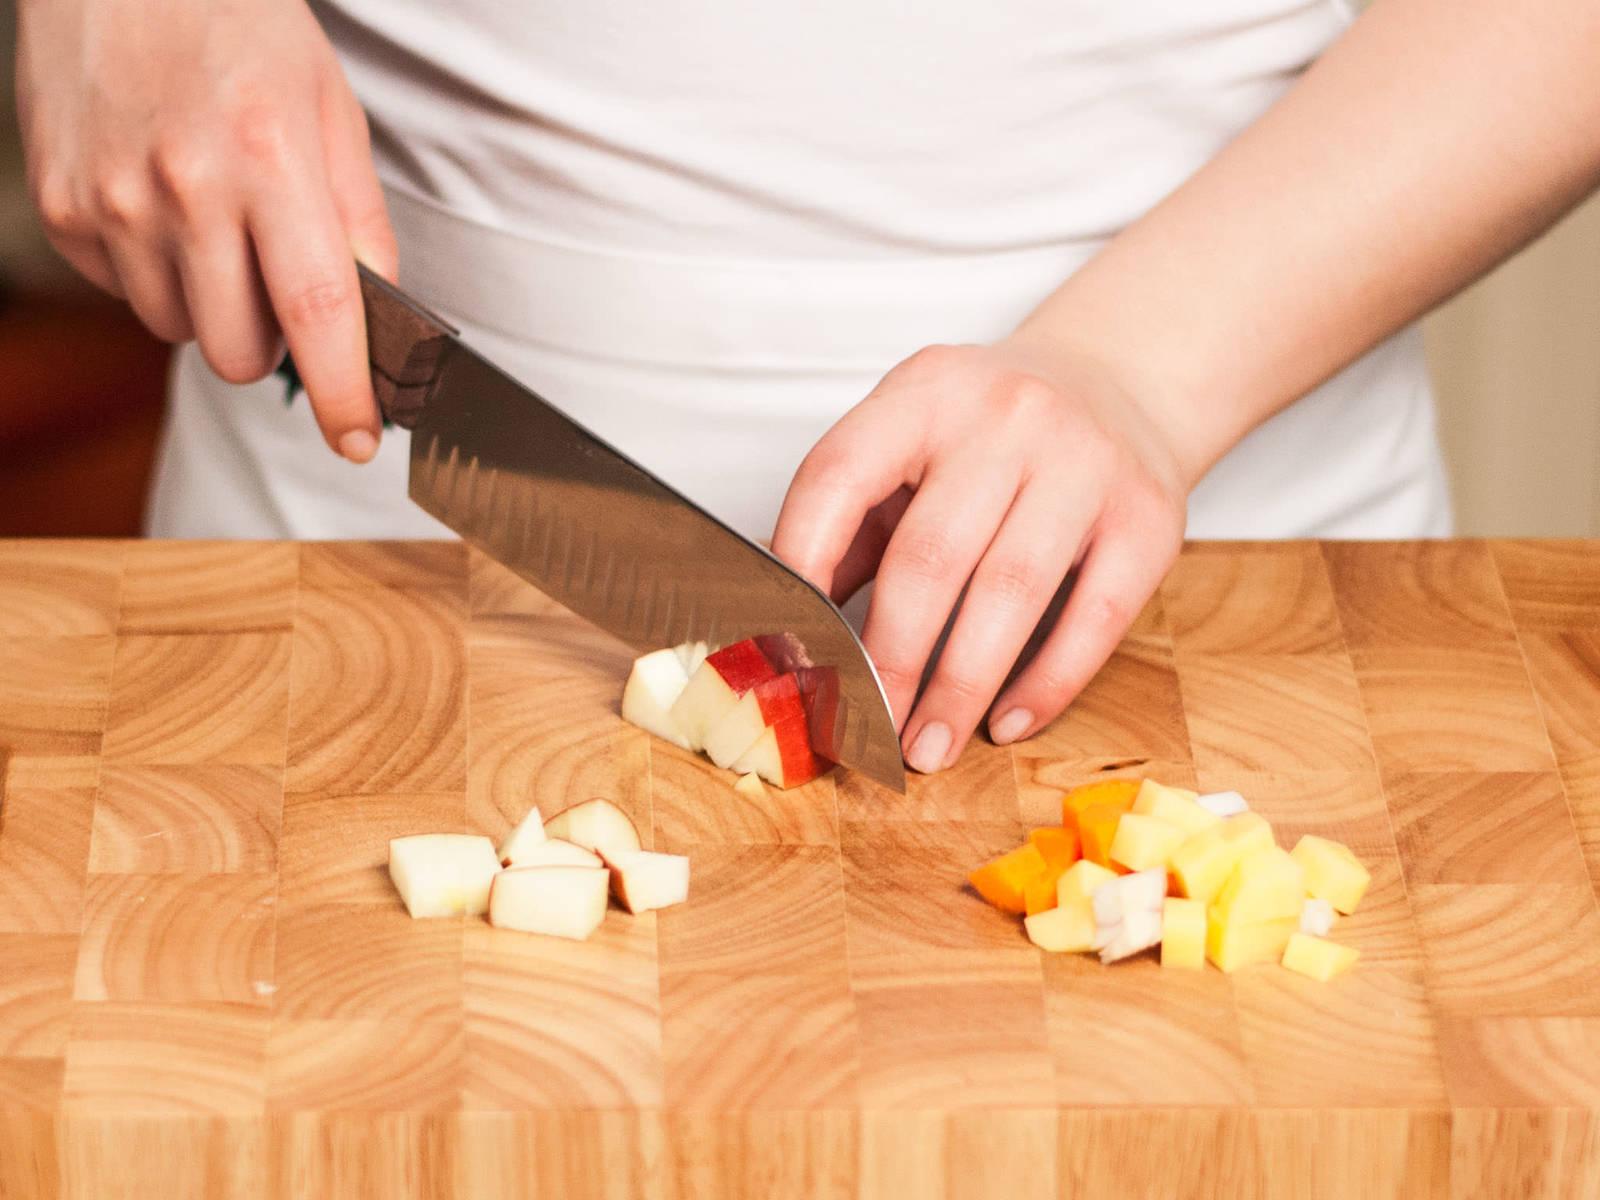 烤箱预热至200摄氏度。将土豆、胡萝卜、洋葱和苹果切成1里面见方的小块。